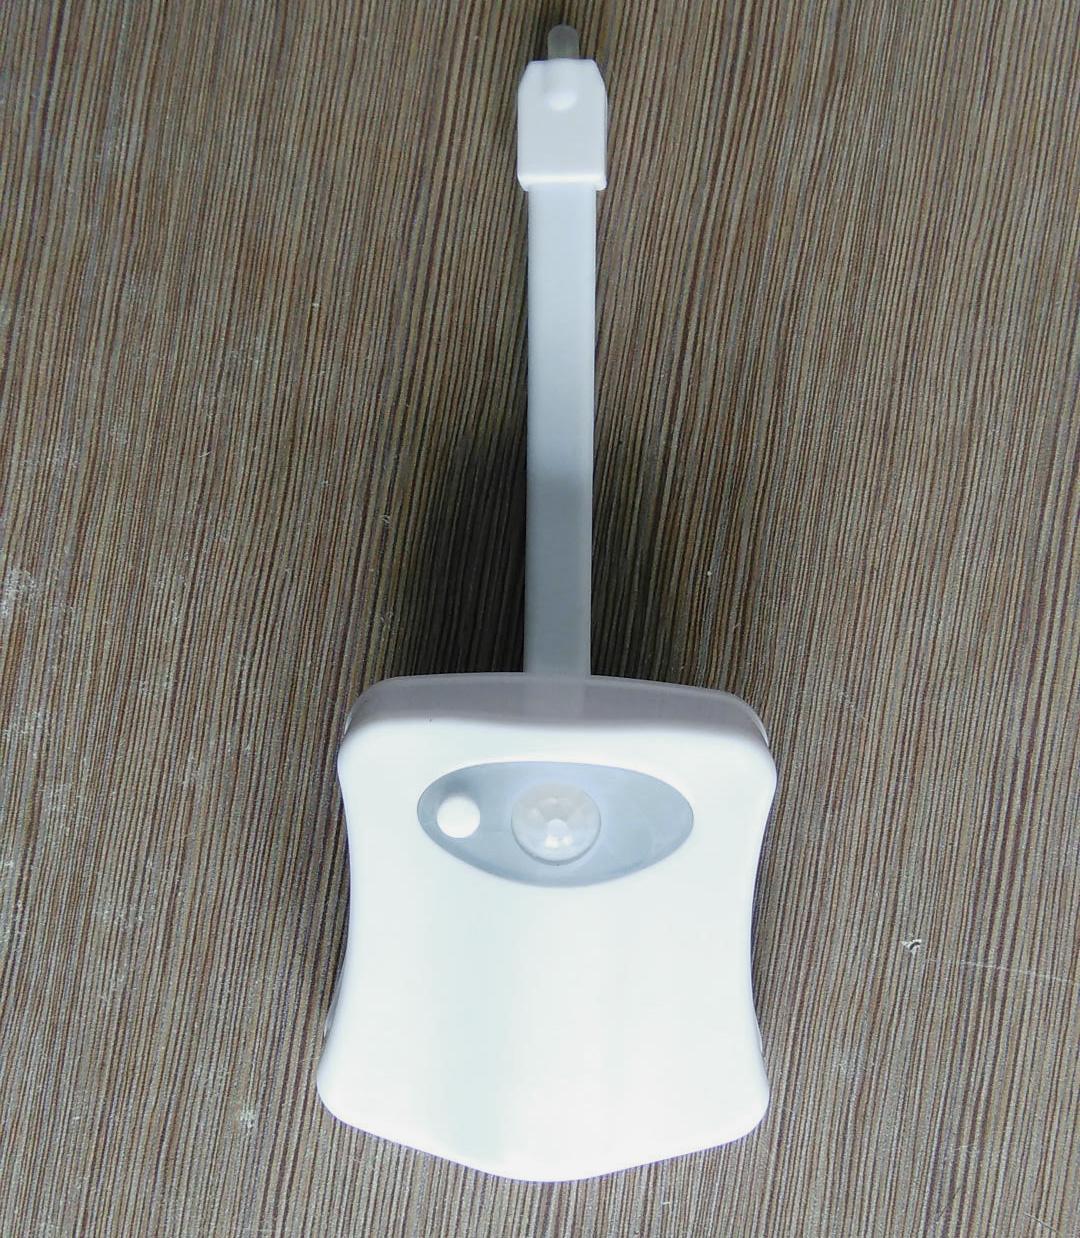 vente chaude led toilettes salle de bains lumi re nuit activ par mouvement pir ebay. Black Bedroom Furniture Sets. Home Design Ideas